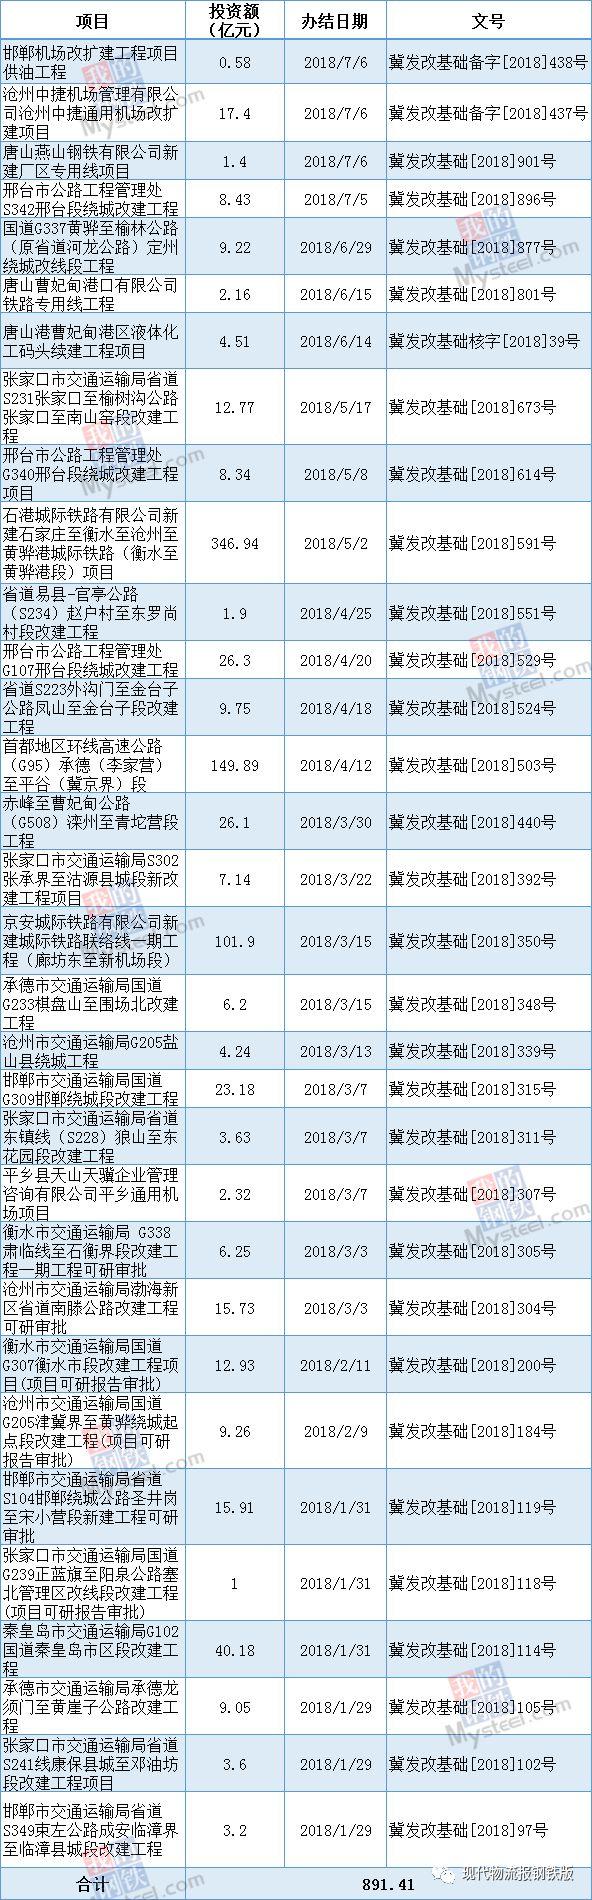 【一线报道】总投资891.41亿,河北今年已审批32个基建项目